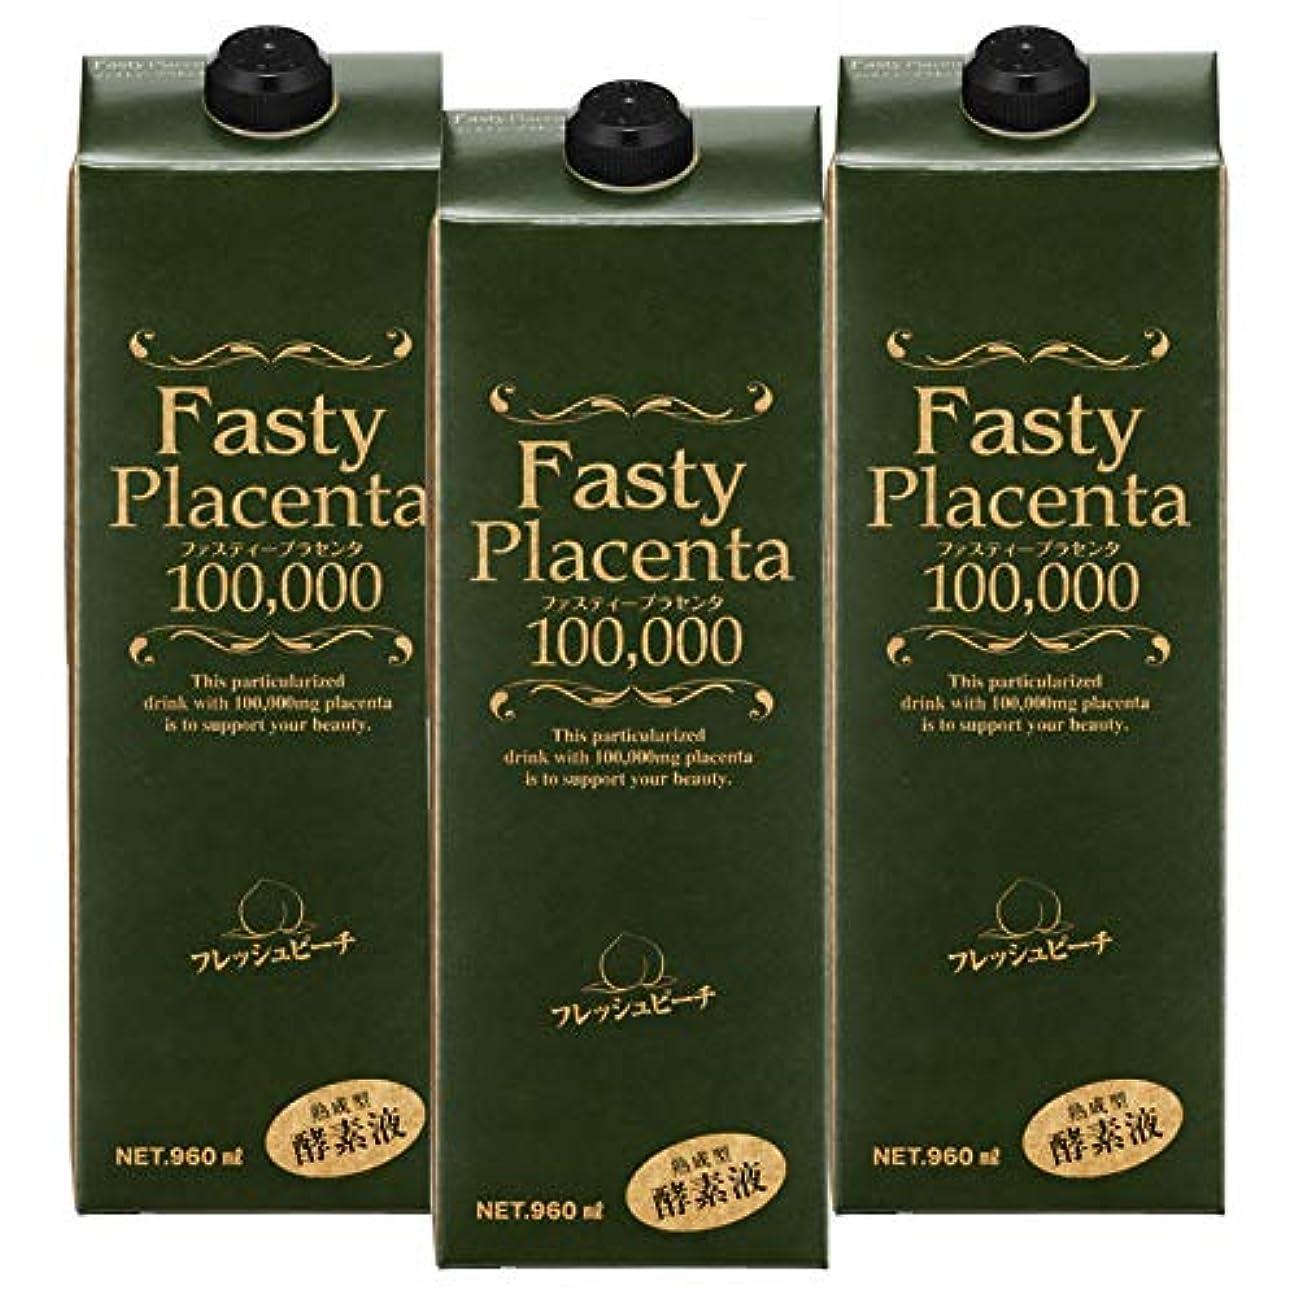 ポンペイ滝アレイファスティープラセンタ100,000 増量パック(フレッシュピーチ味) 3本